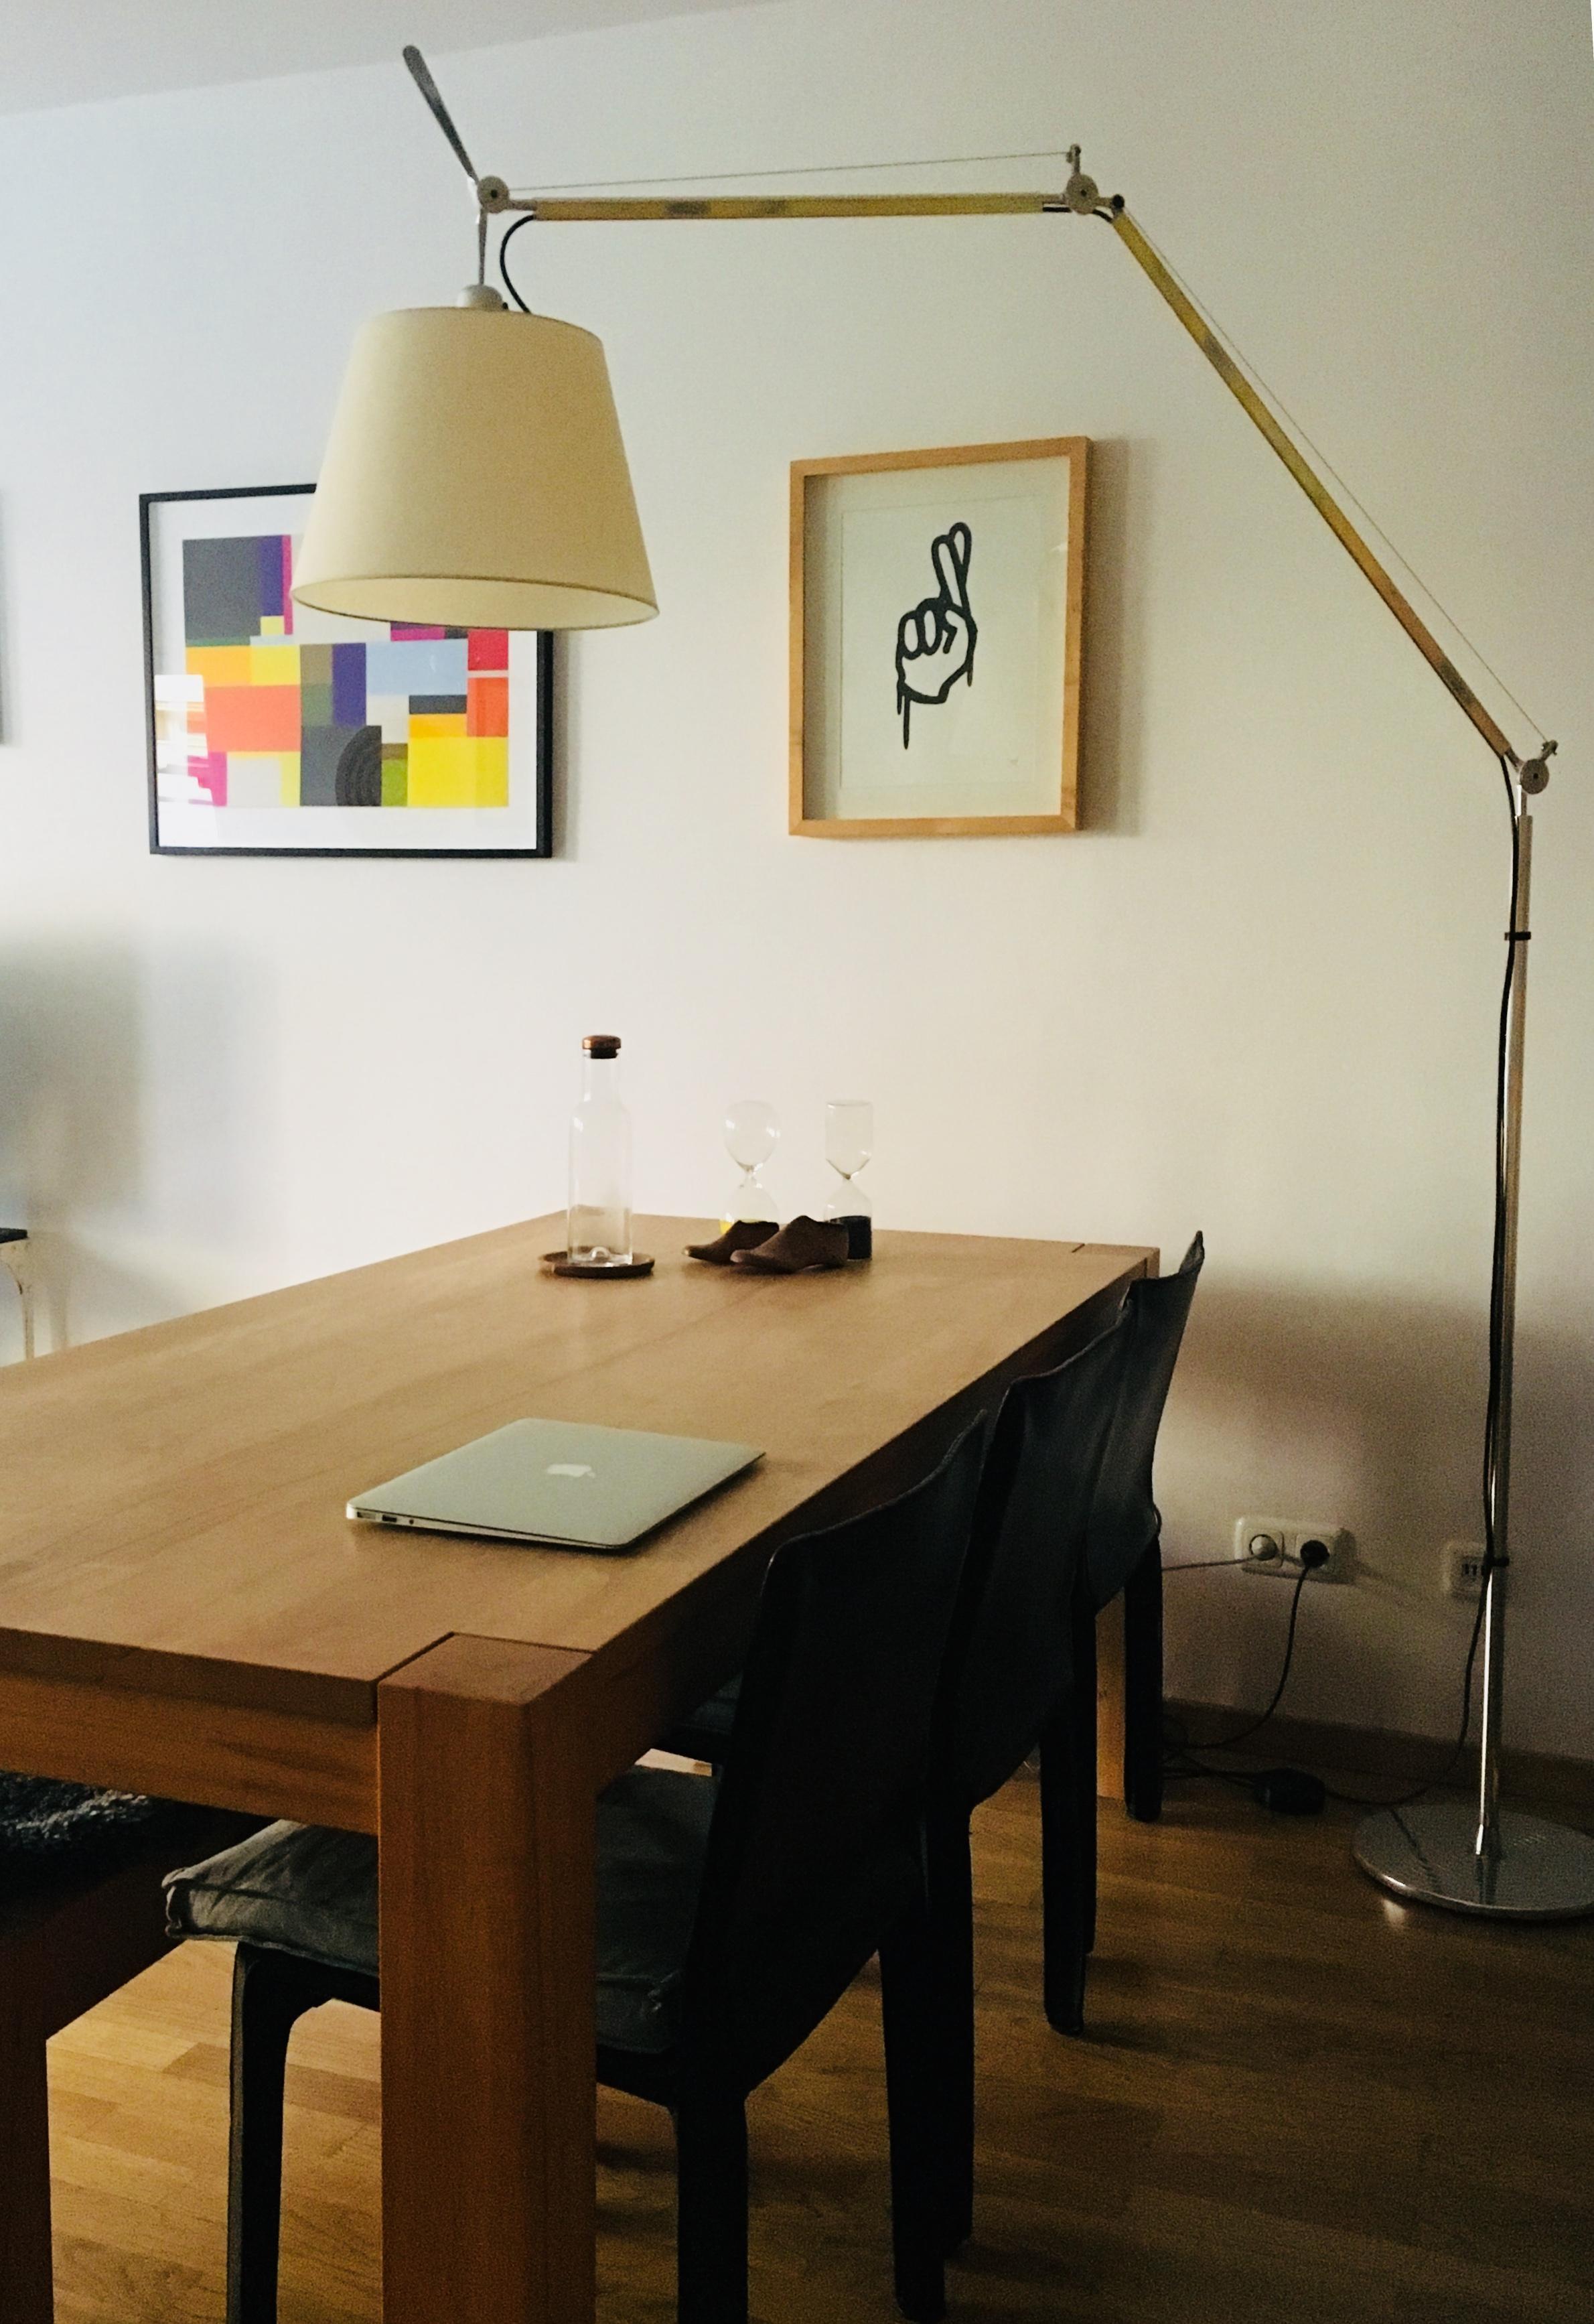 Wohnzimmer Beleuchtung: So setzt du dein Wohnzimmer in Szene